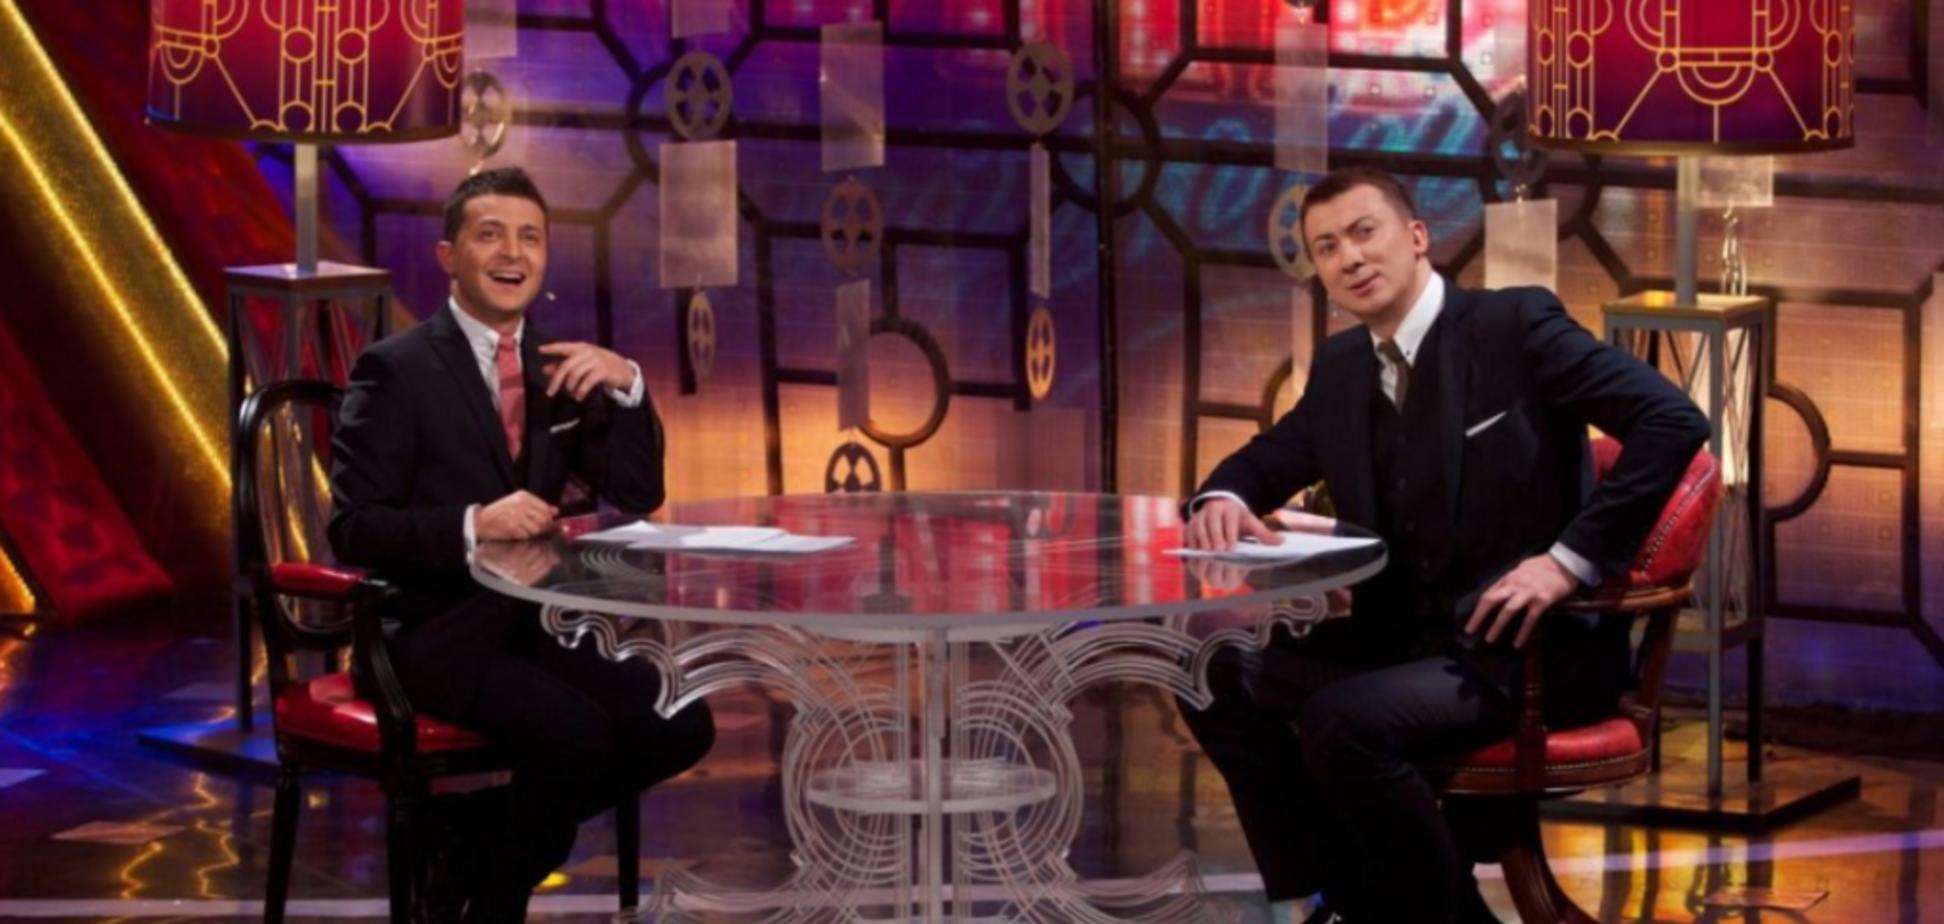 Владимир Зеленский и Валерий Жидков